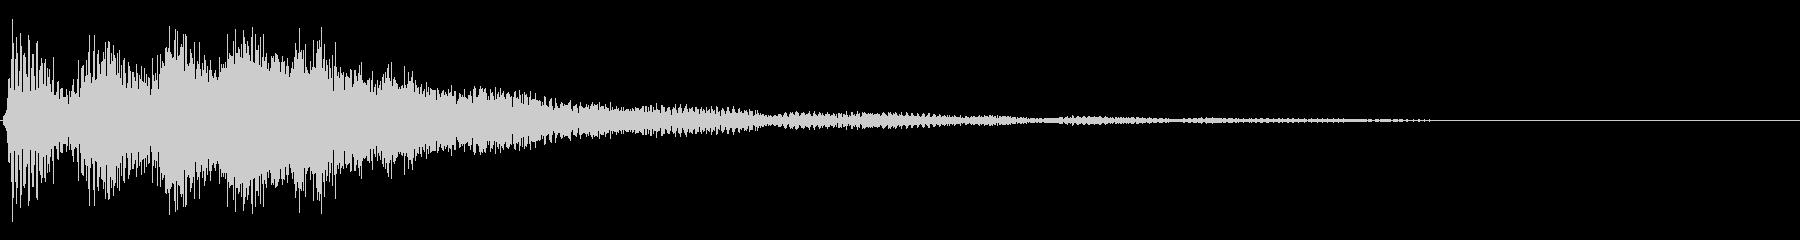 サウンドロゴ5の未再生の波形